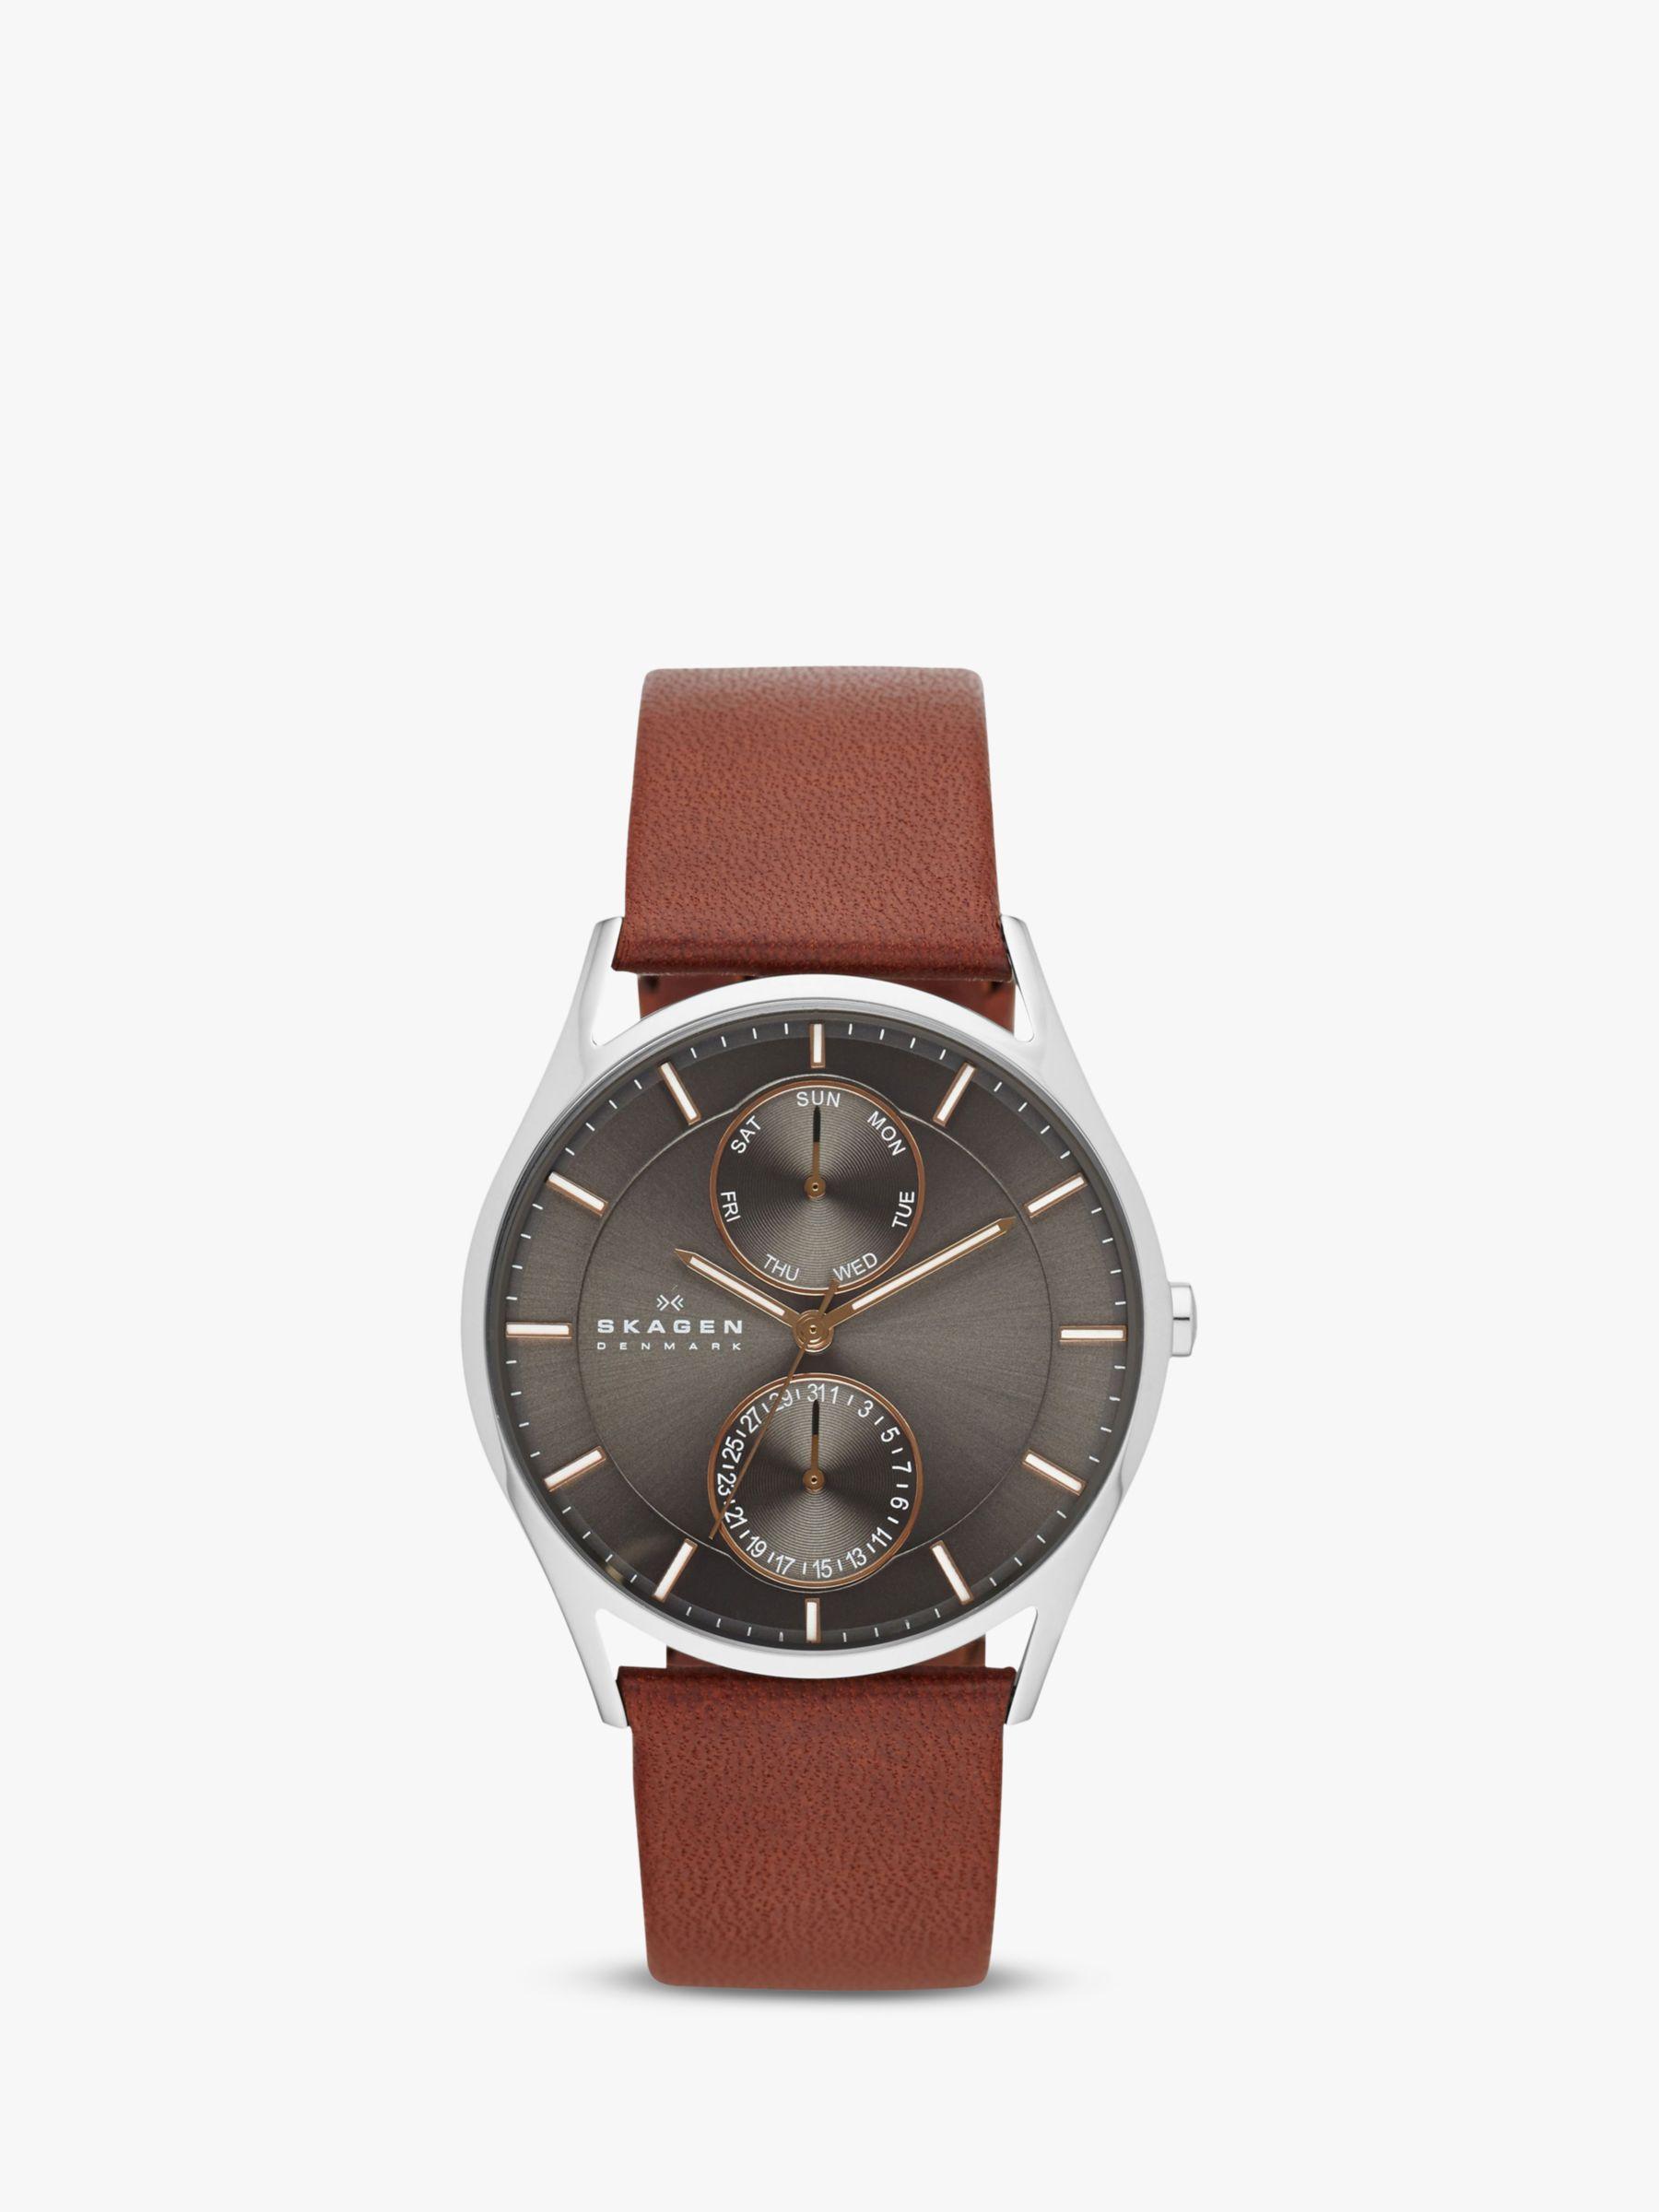 skagen Skagen SKW6086 Men's Holst Single Chronograph Leather Strap Watch, Brown/Grey